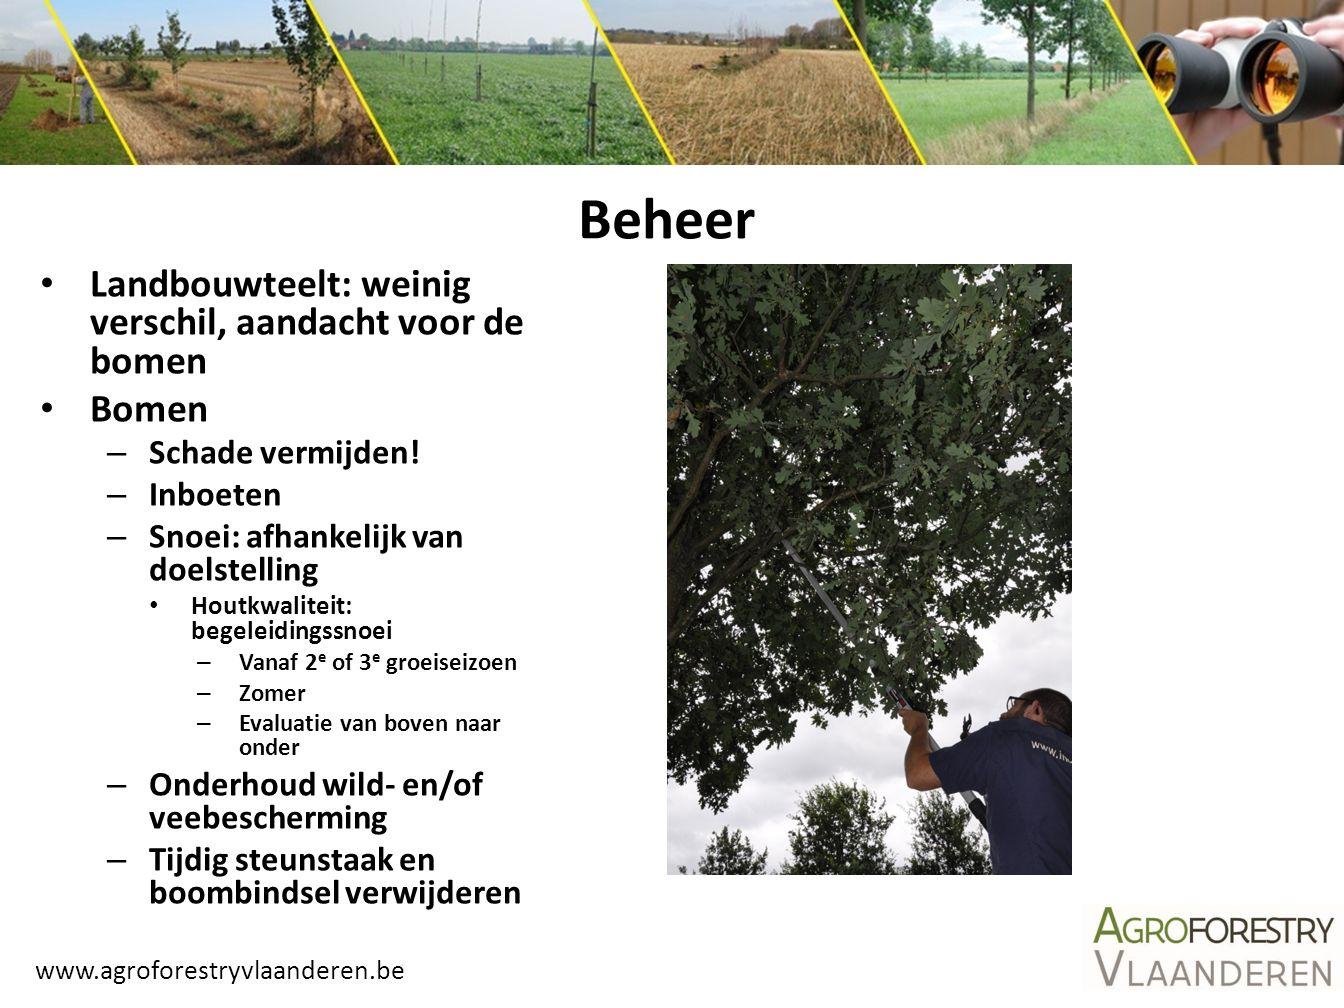 Beheer Landbouwteelt: weinig verschil, aandacht voor de bomen Bomen